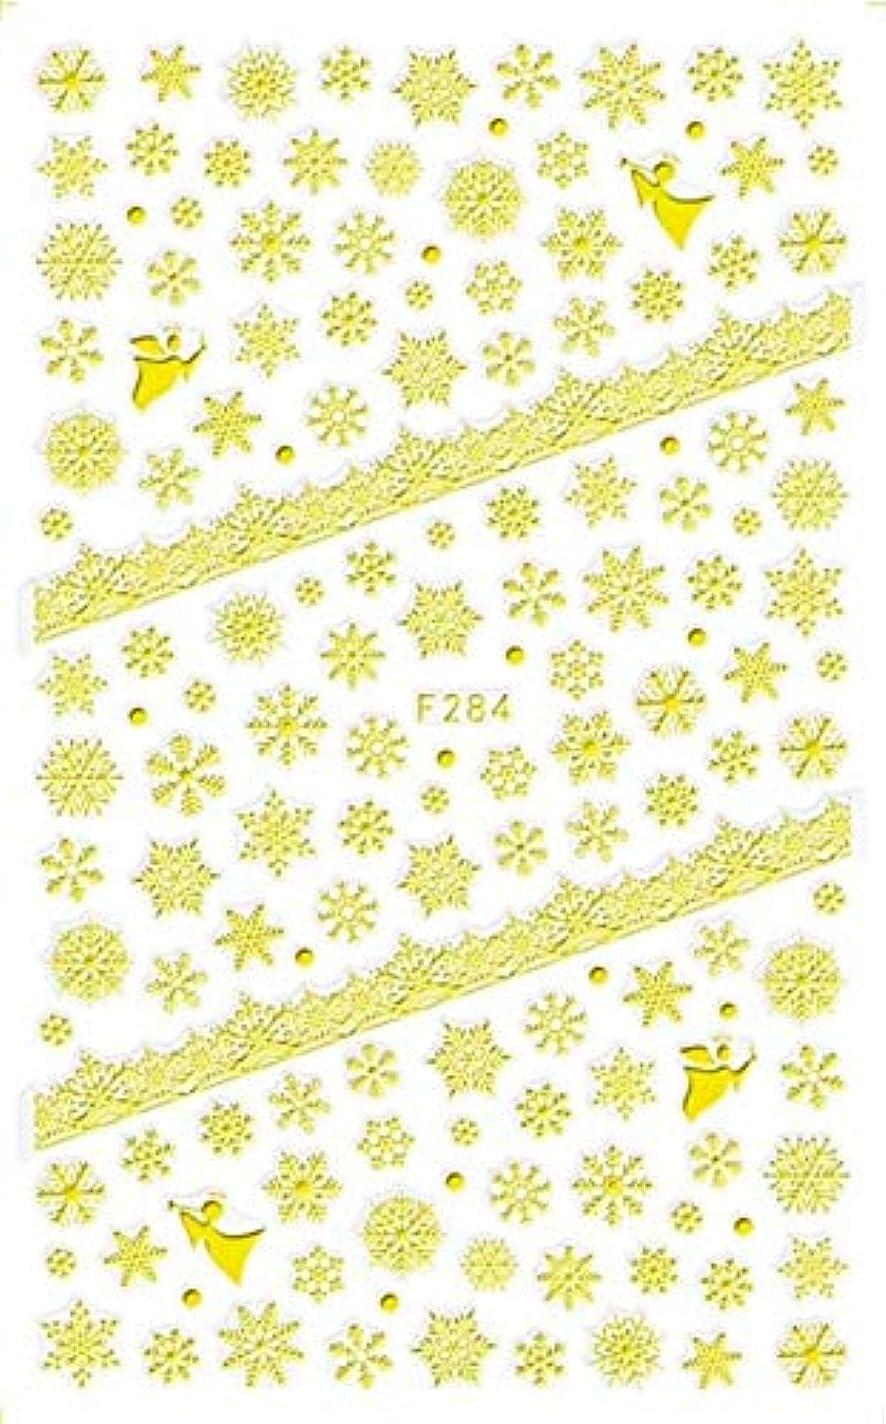 布削る不当SUKTI&XIAO ネイルステッカー 1枚の釘のクリスマスの設計3D雪の花の釘のステッカーの青/黒/白/銀/金の付着力の押す釘の装飾、F284金